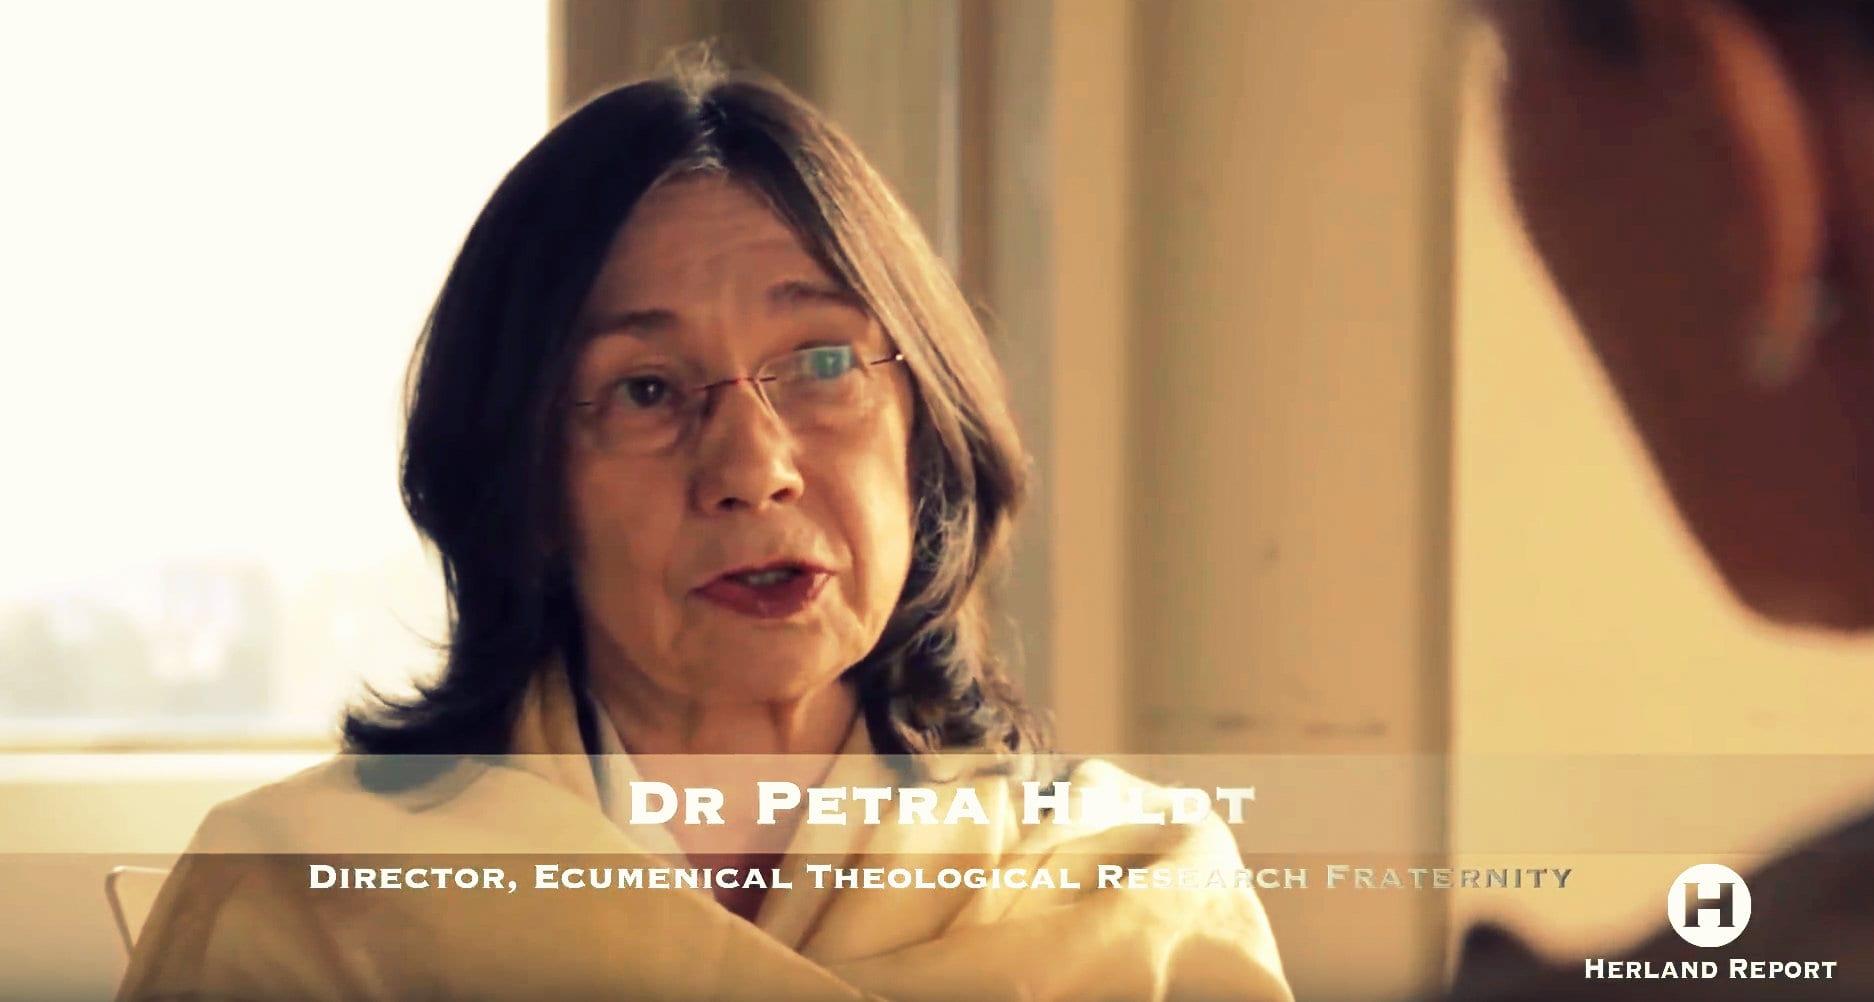 Petra Heldt, Herland Report